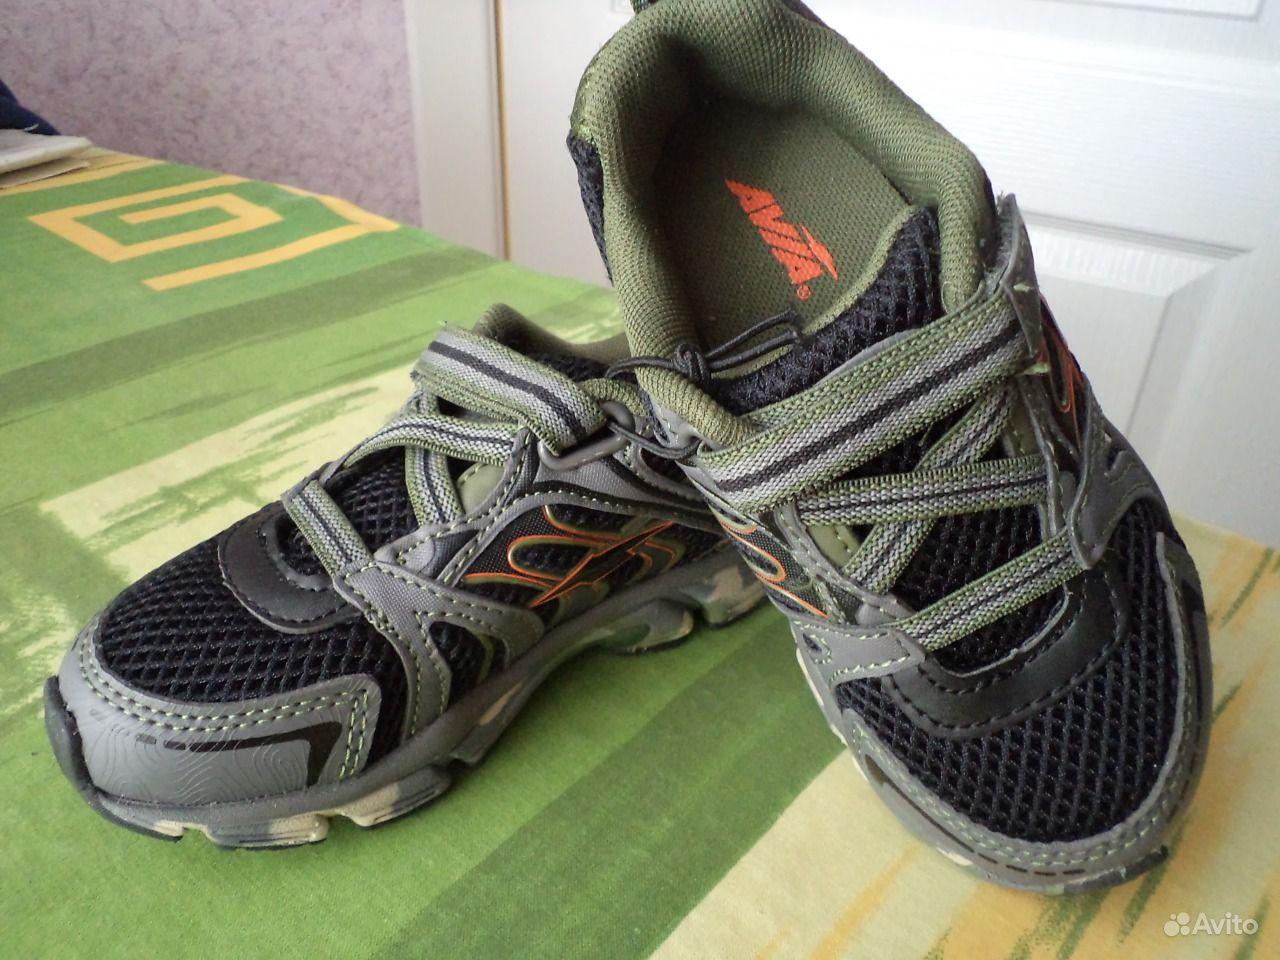 279351788 Одесса танцевальная обувь. Интернет-магазин качественной брендовой ...